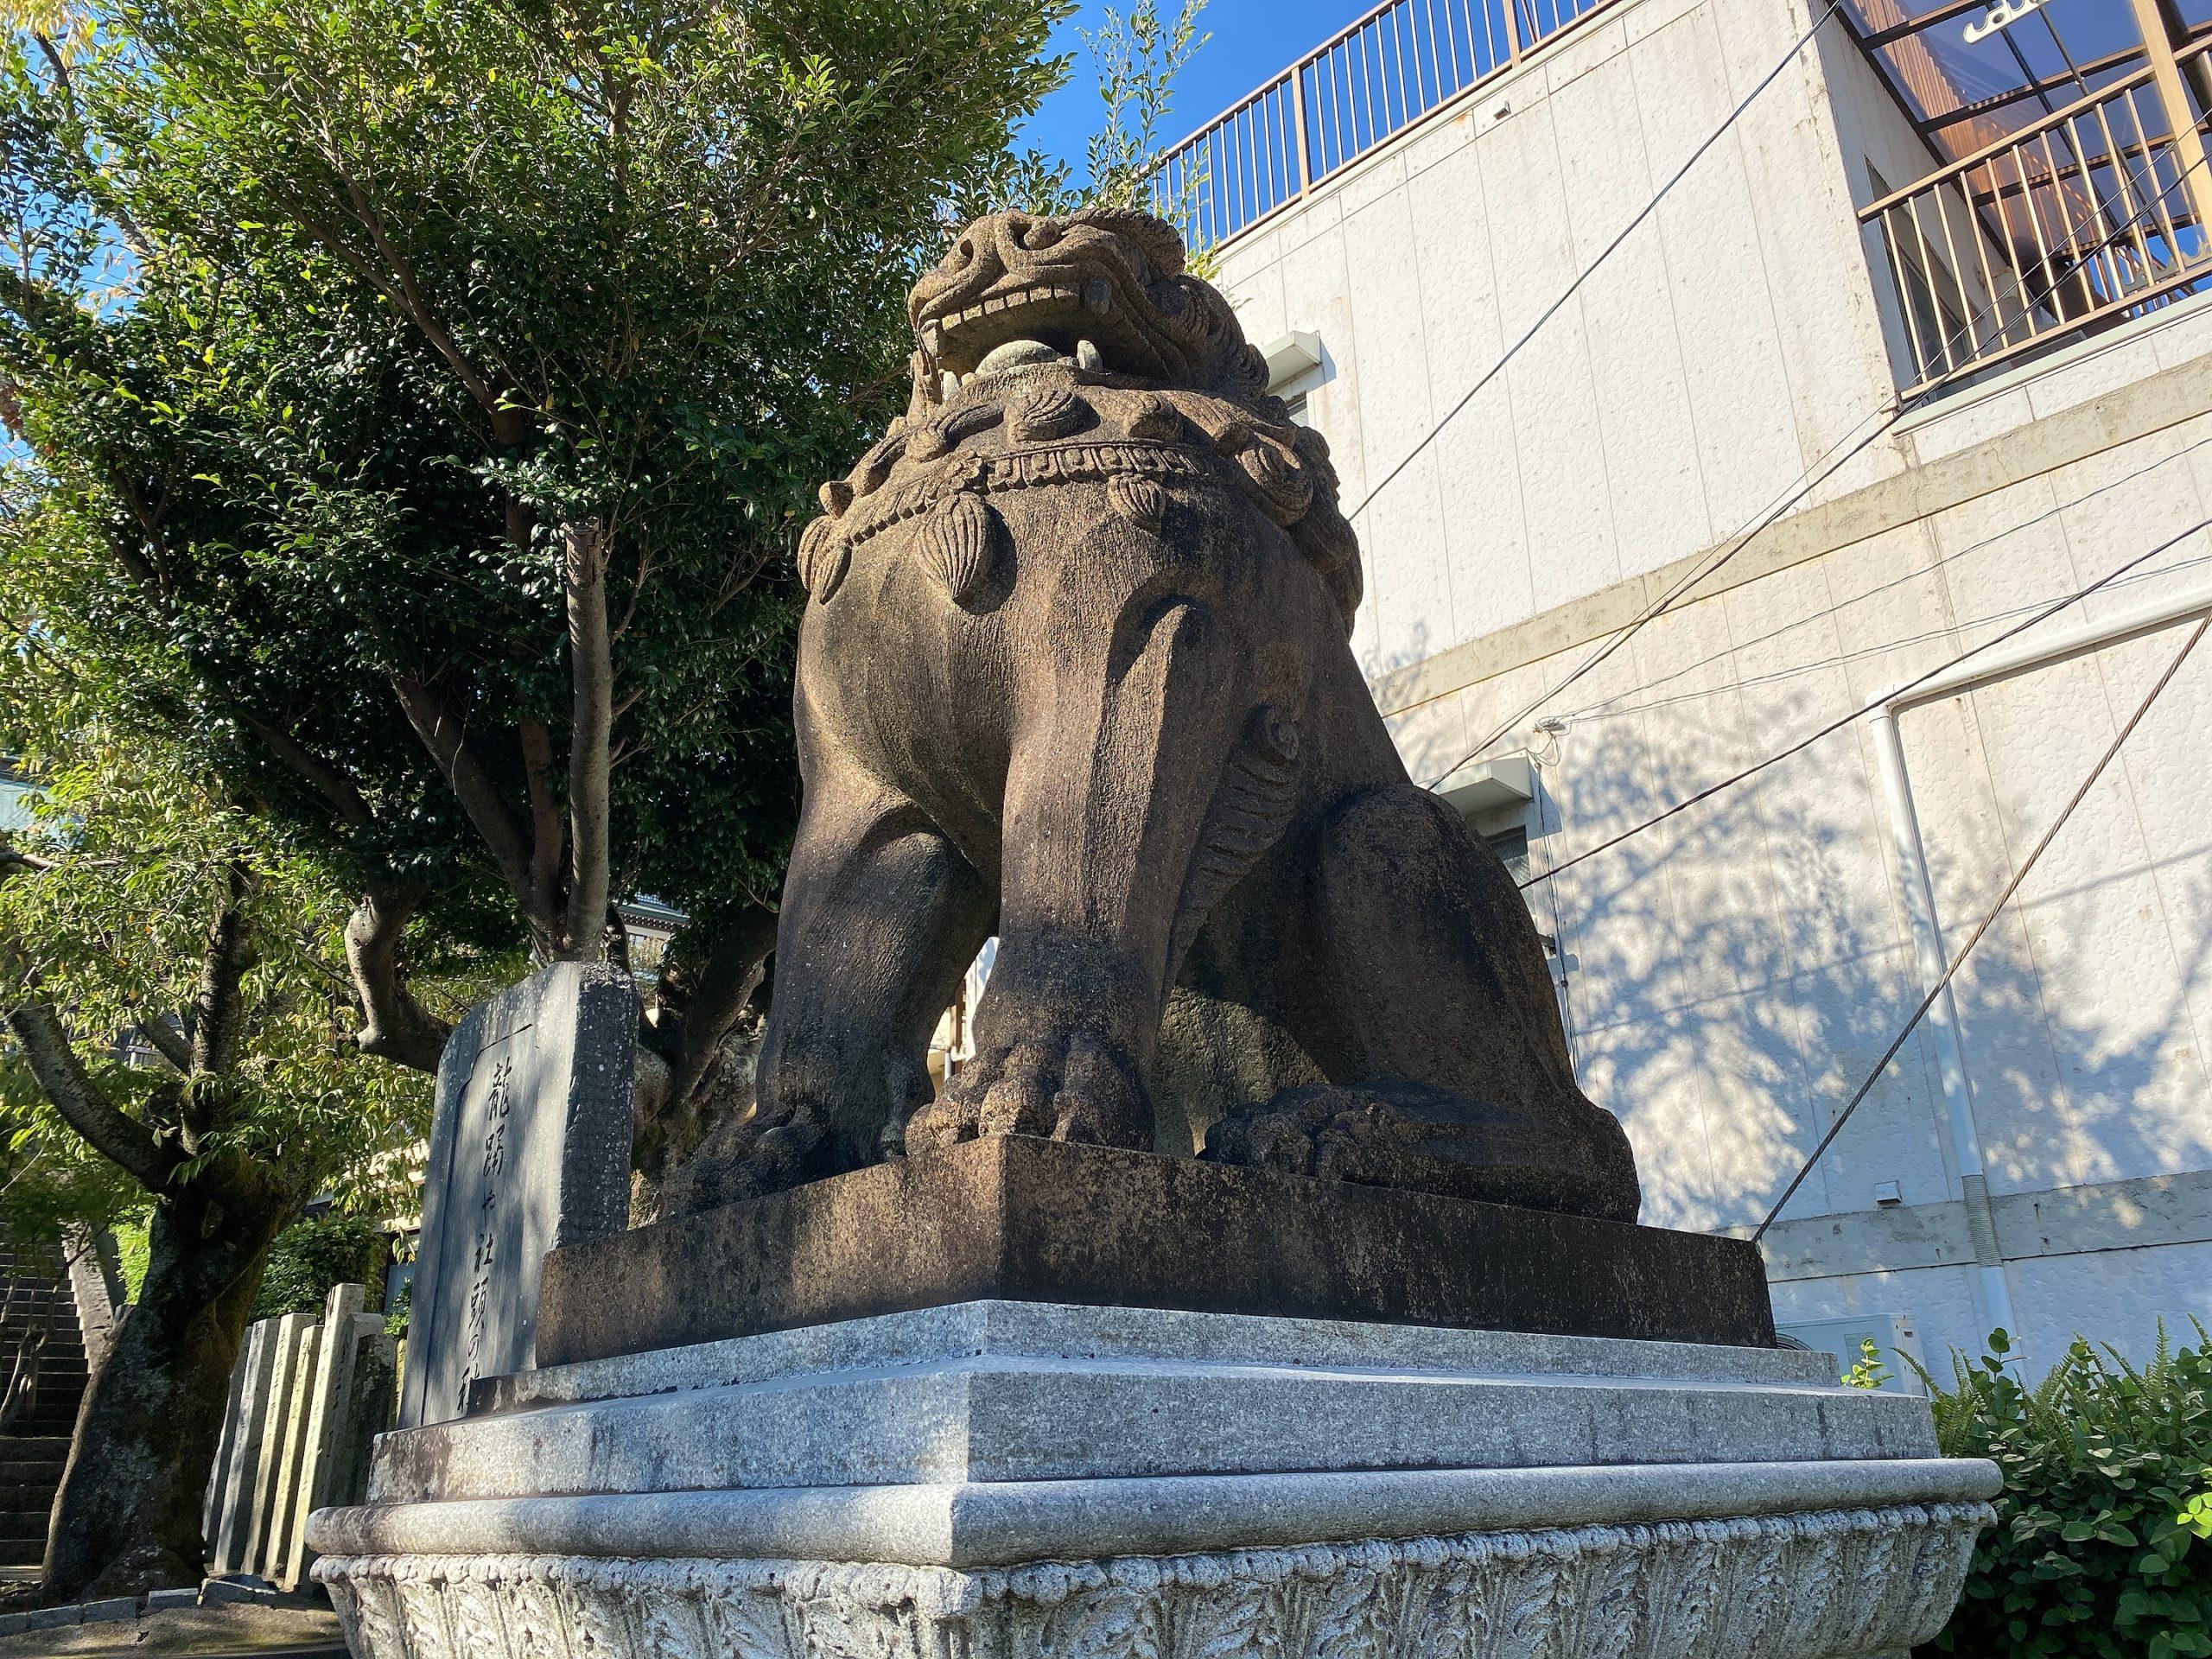 鎮西大社諏訪神社の狛犬